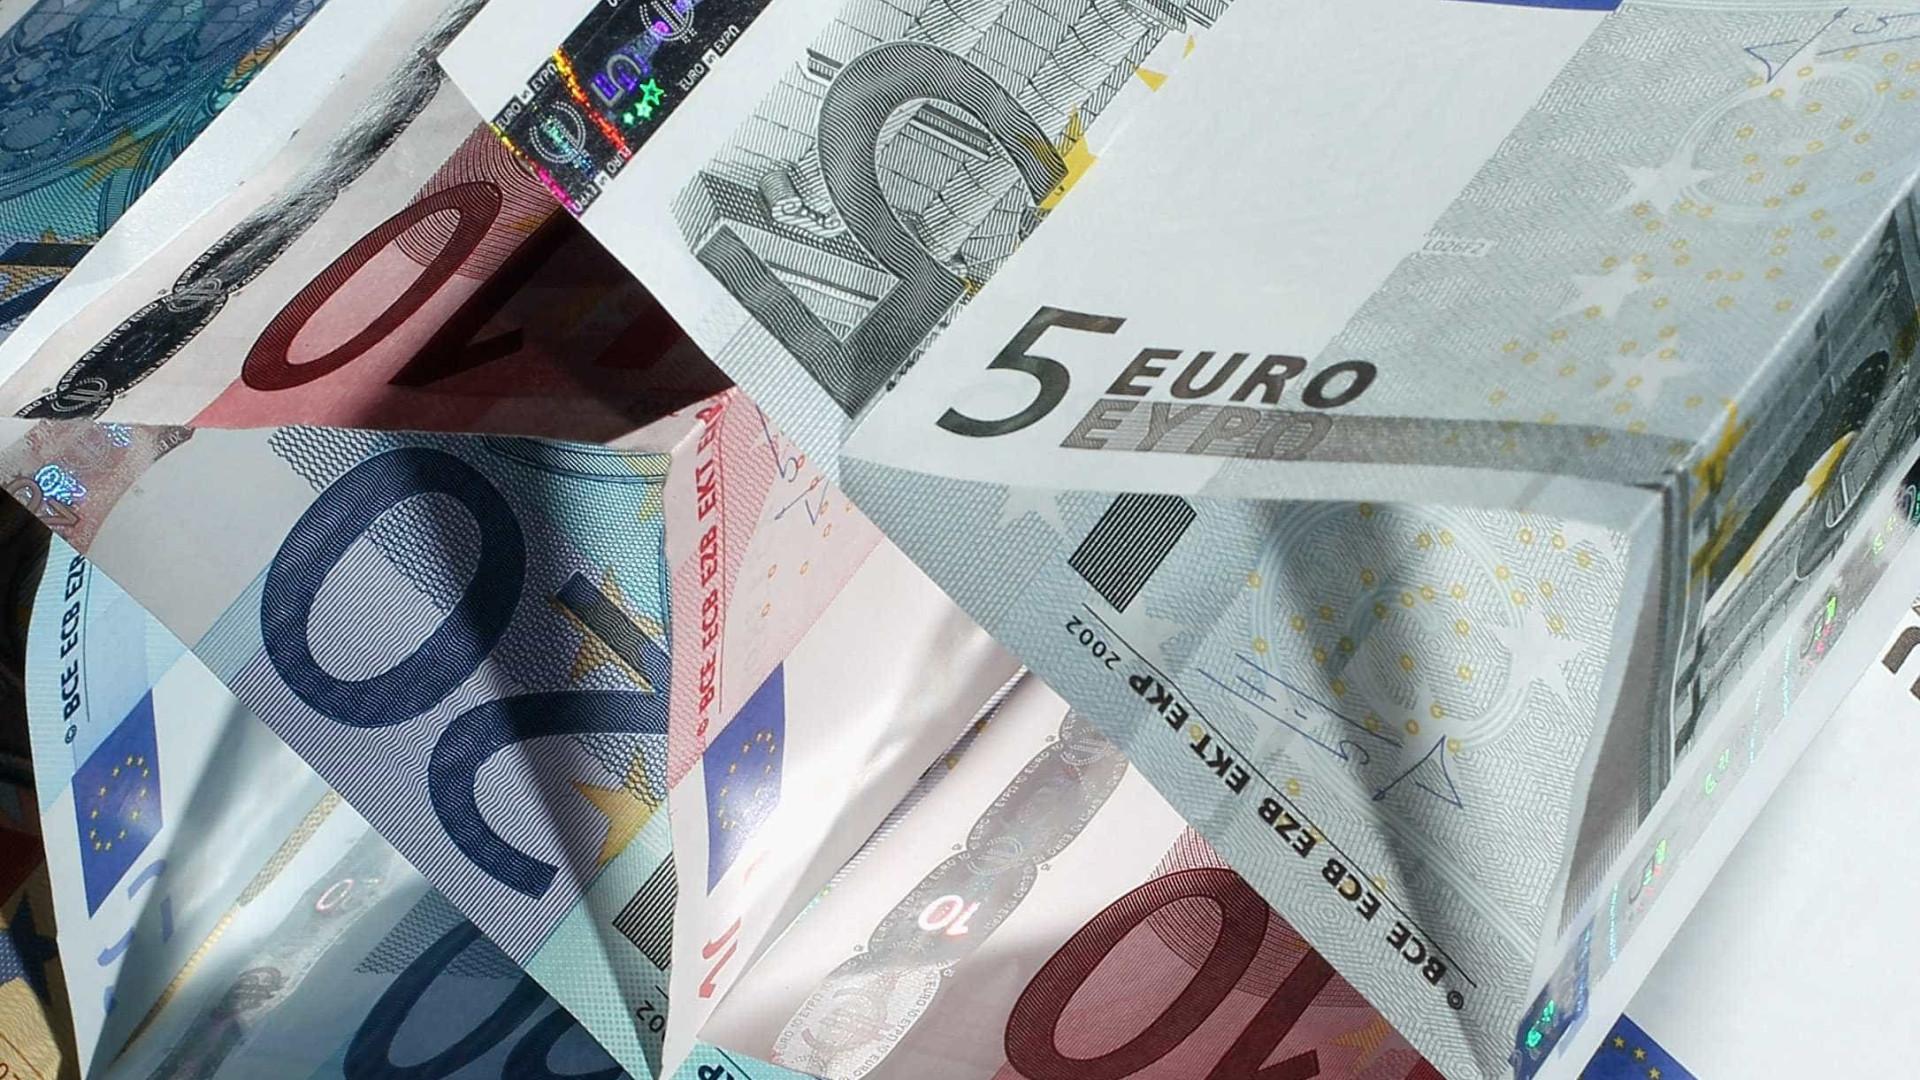 Pela primeira vez este ano, Portugal vai ao mercado para emitir dívida